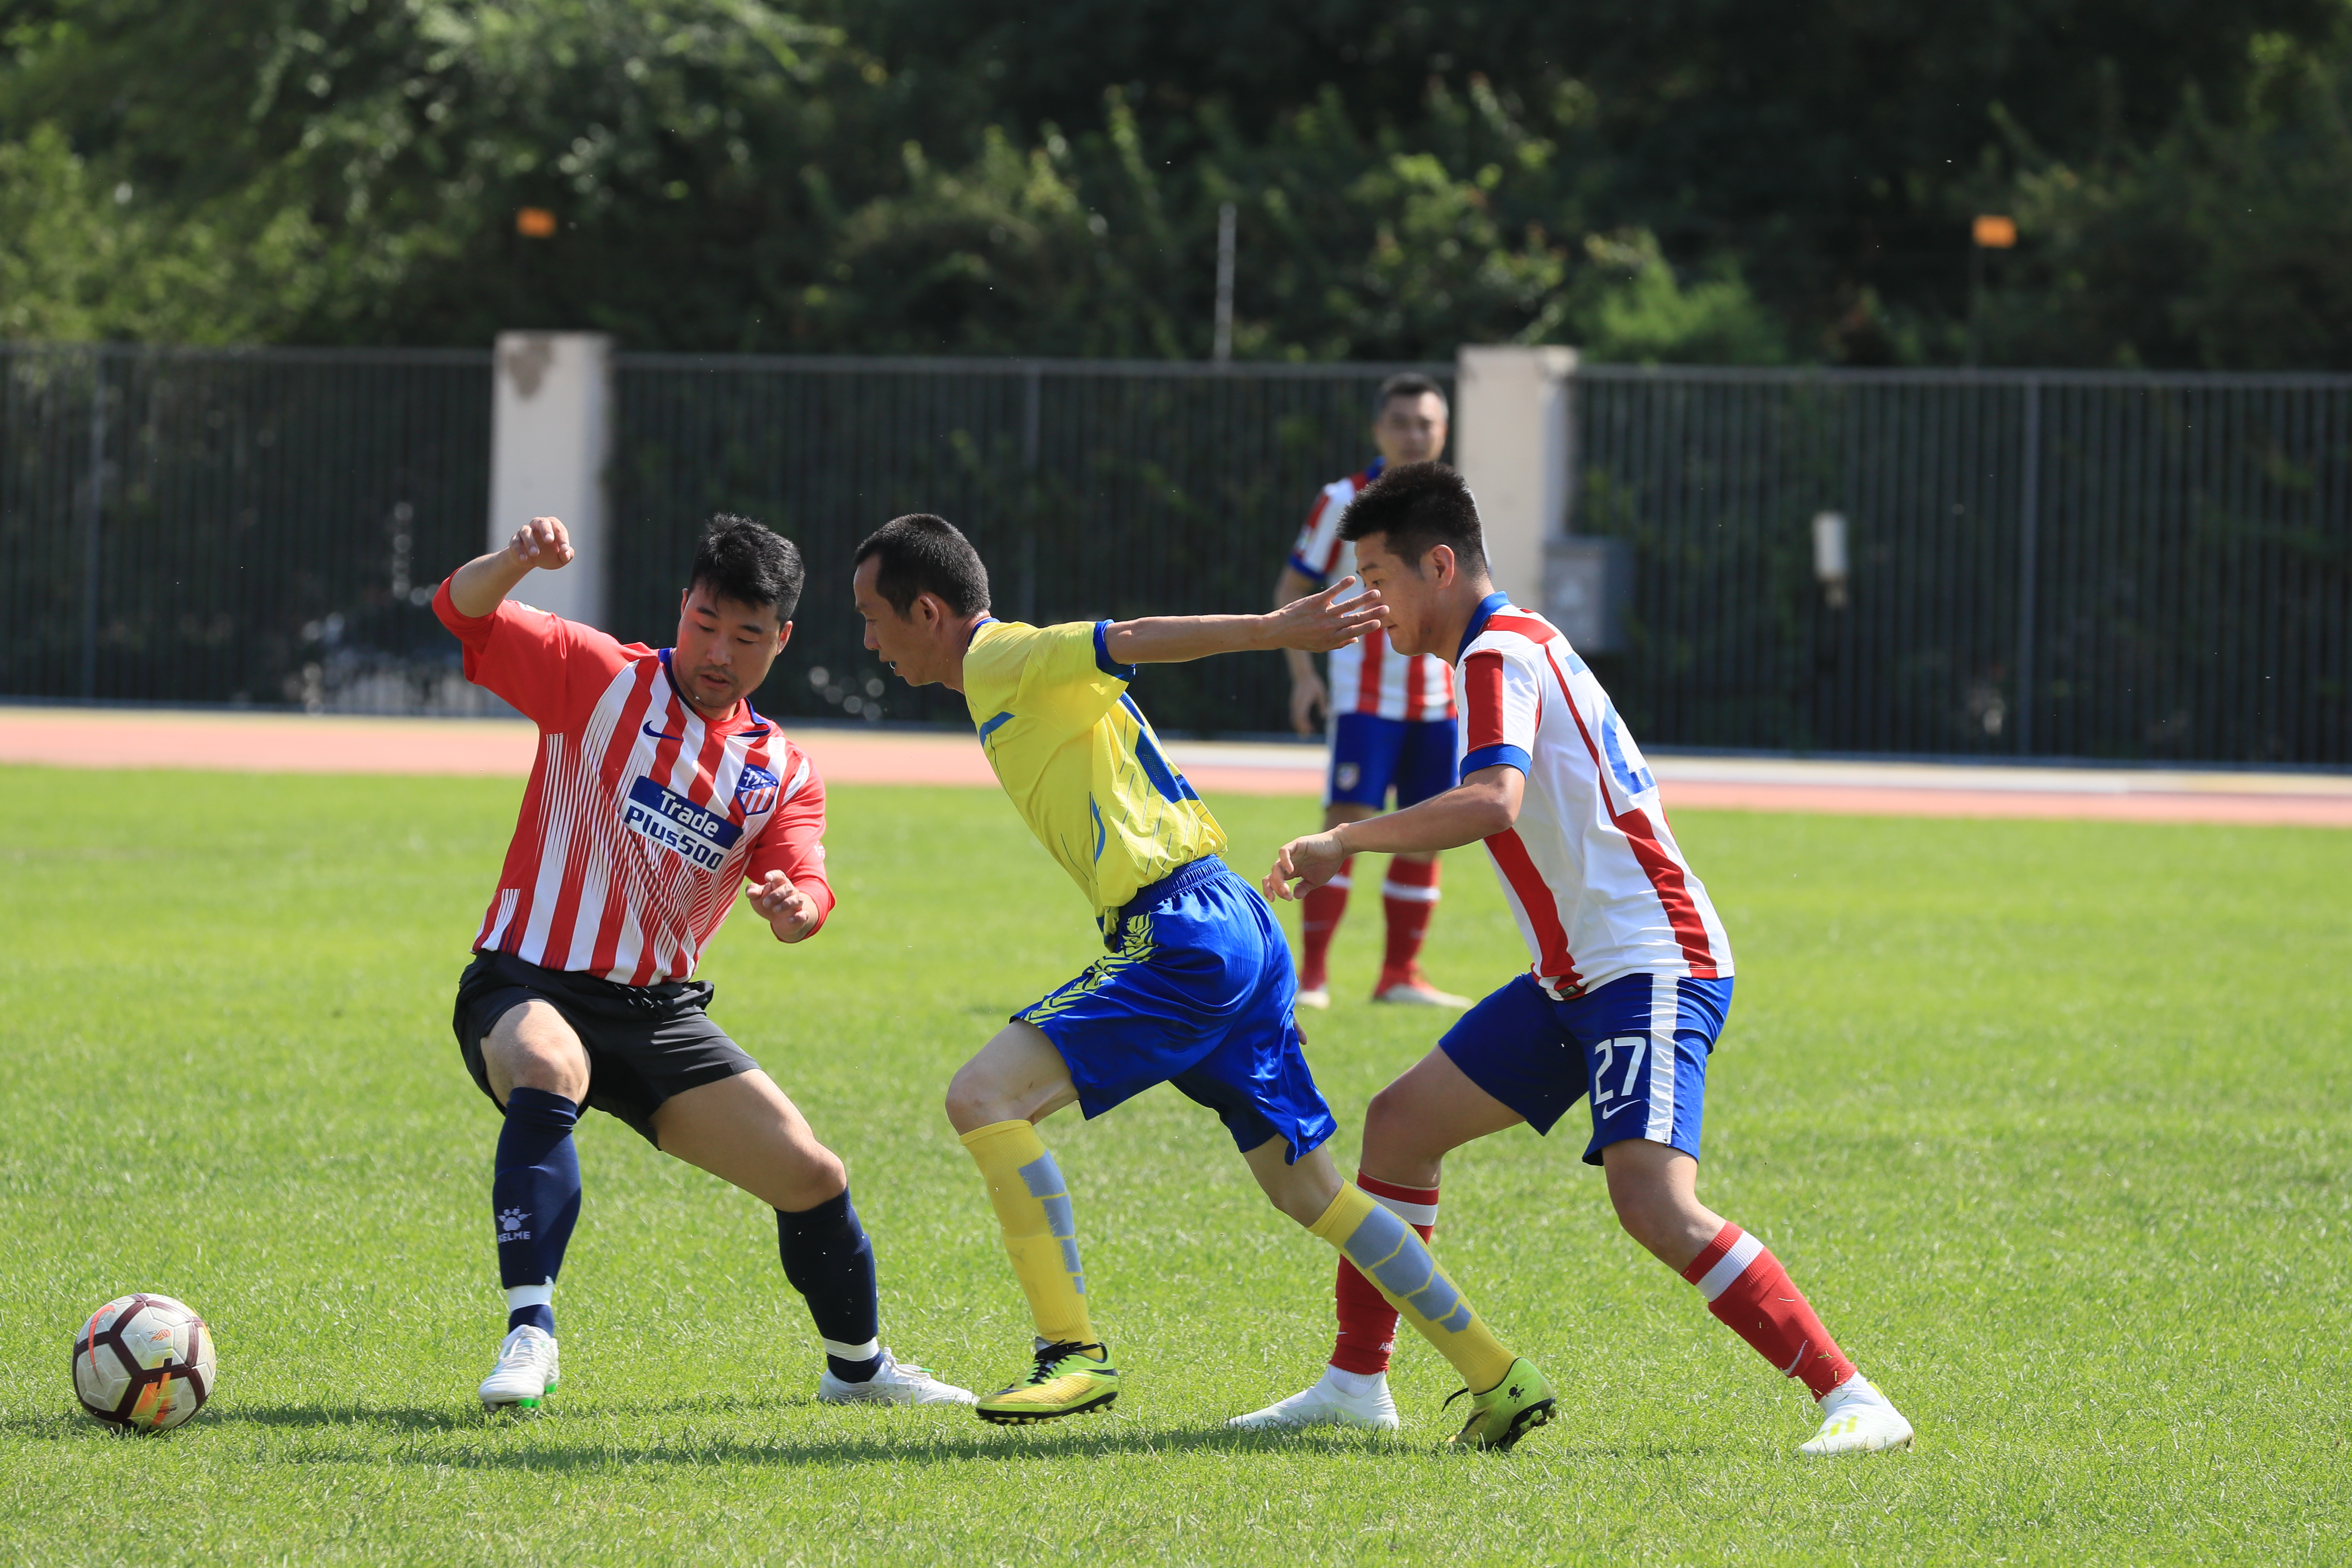 万达集团第四届全国职工足球联赛第四周比赛结束